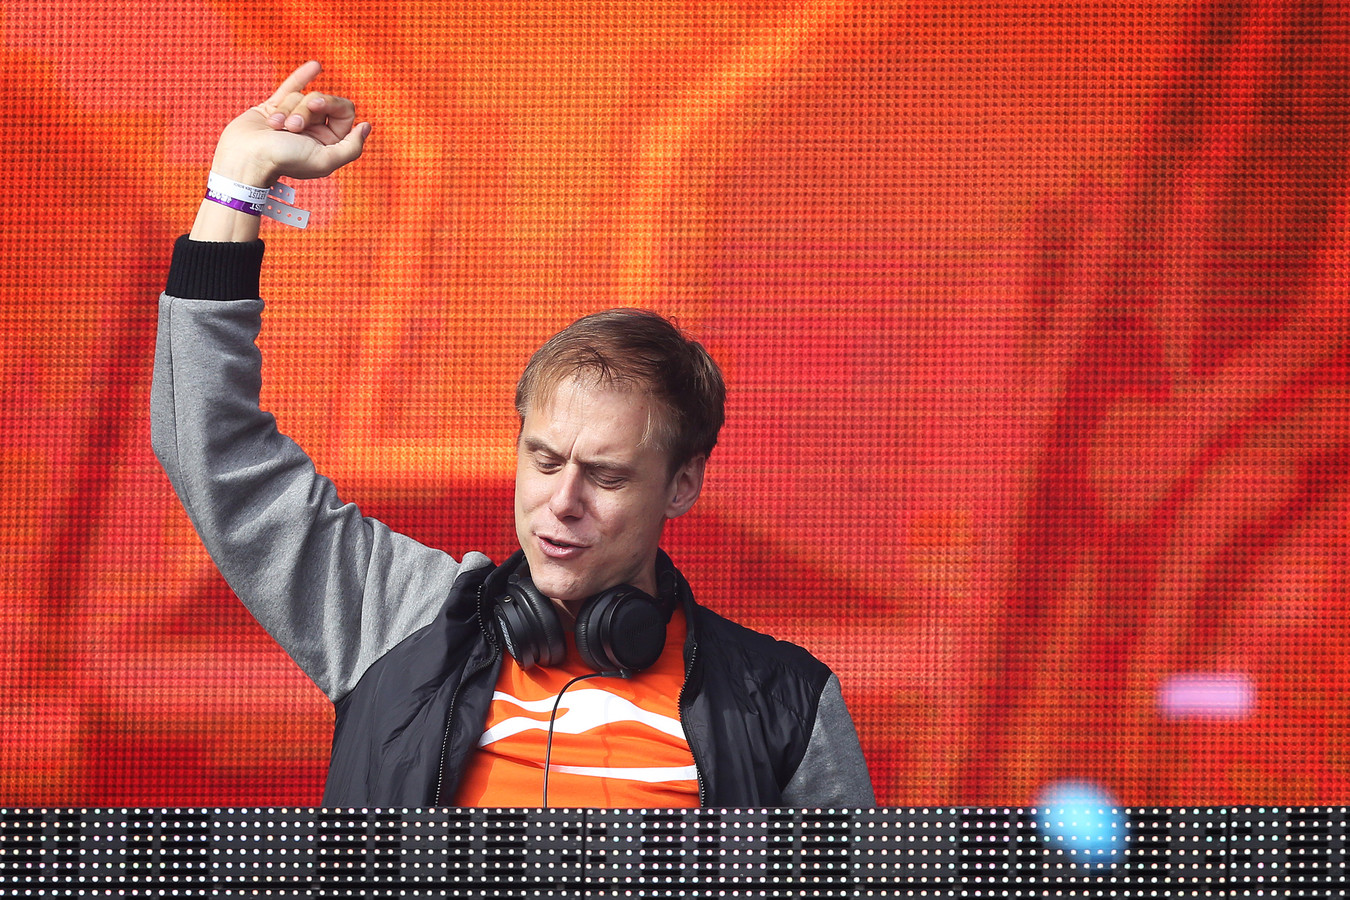 Armin van Buuren in 2015 actie tijdens 538Koningsdag in Breda.